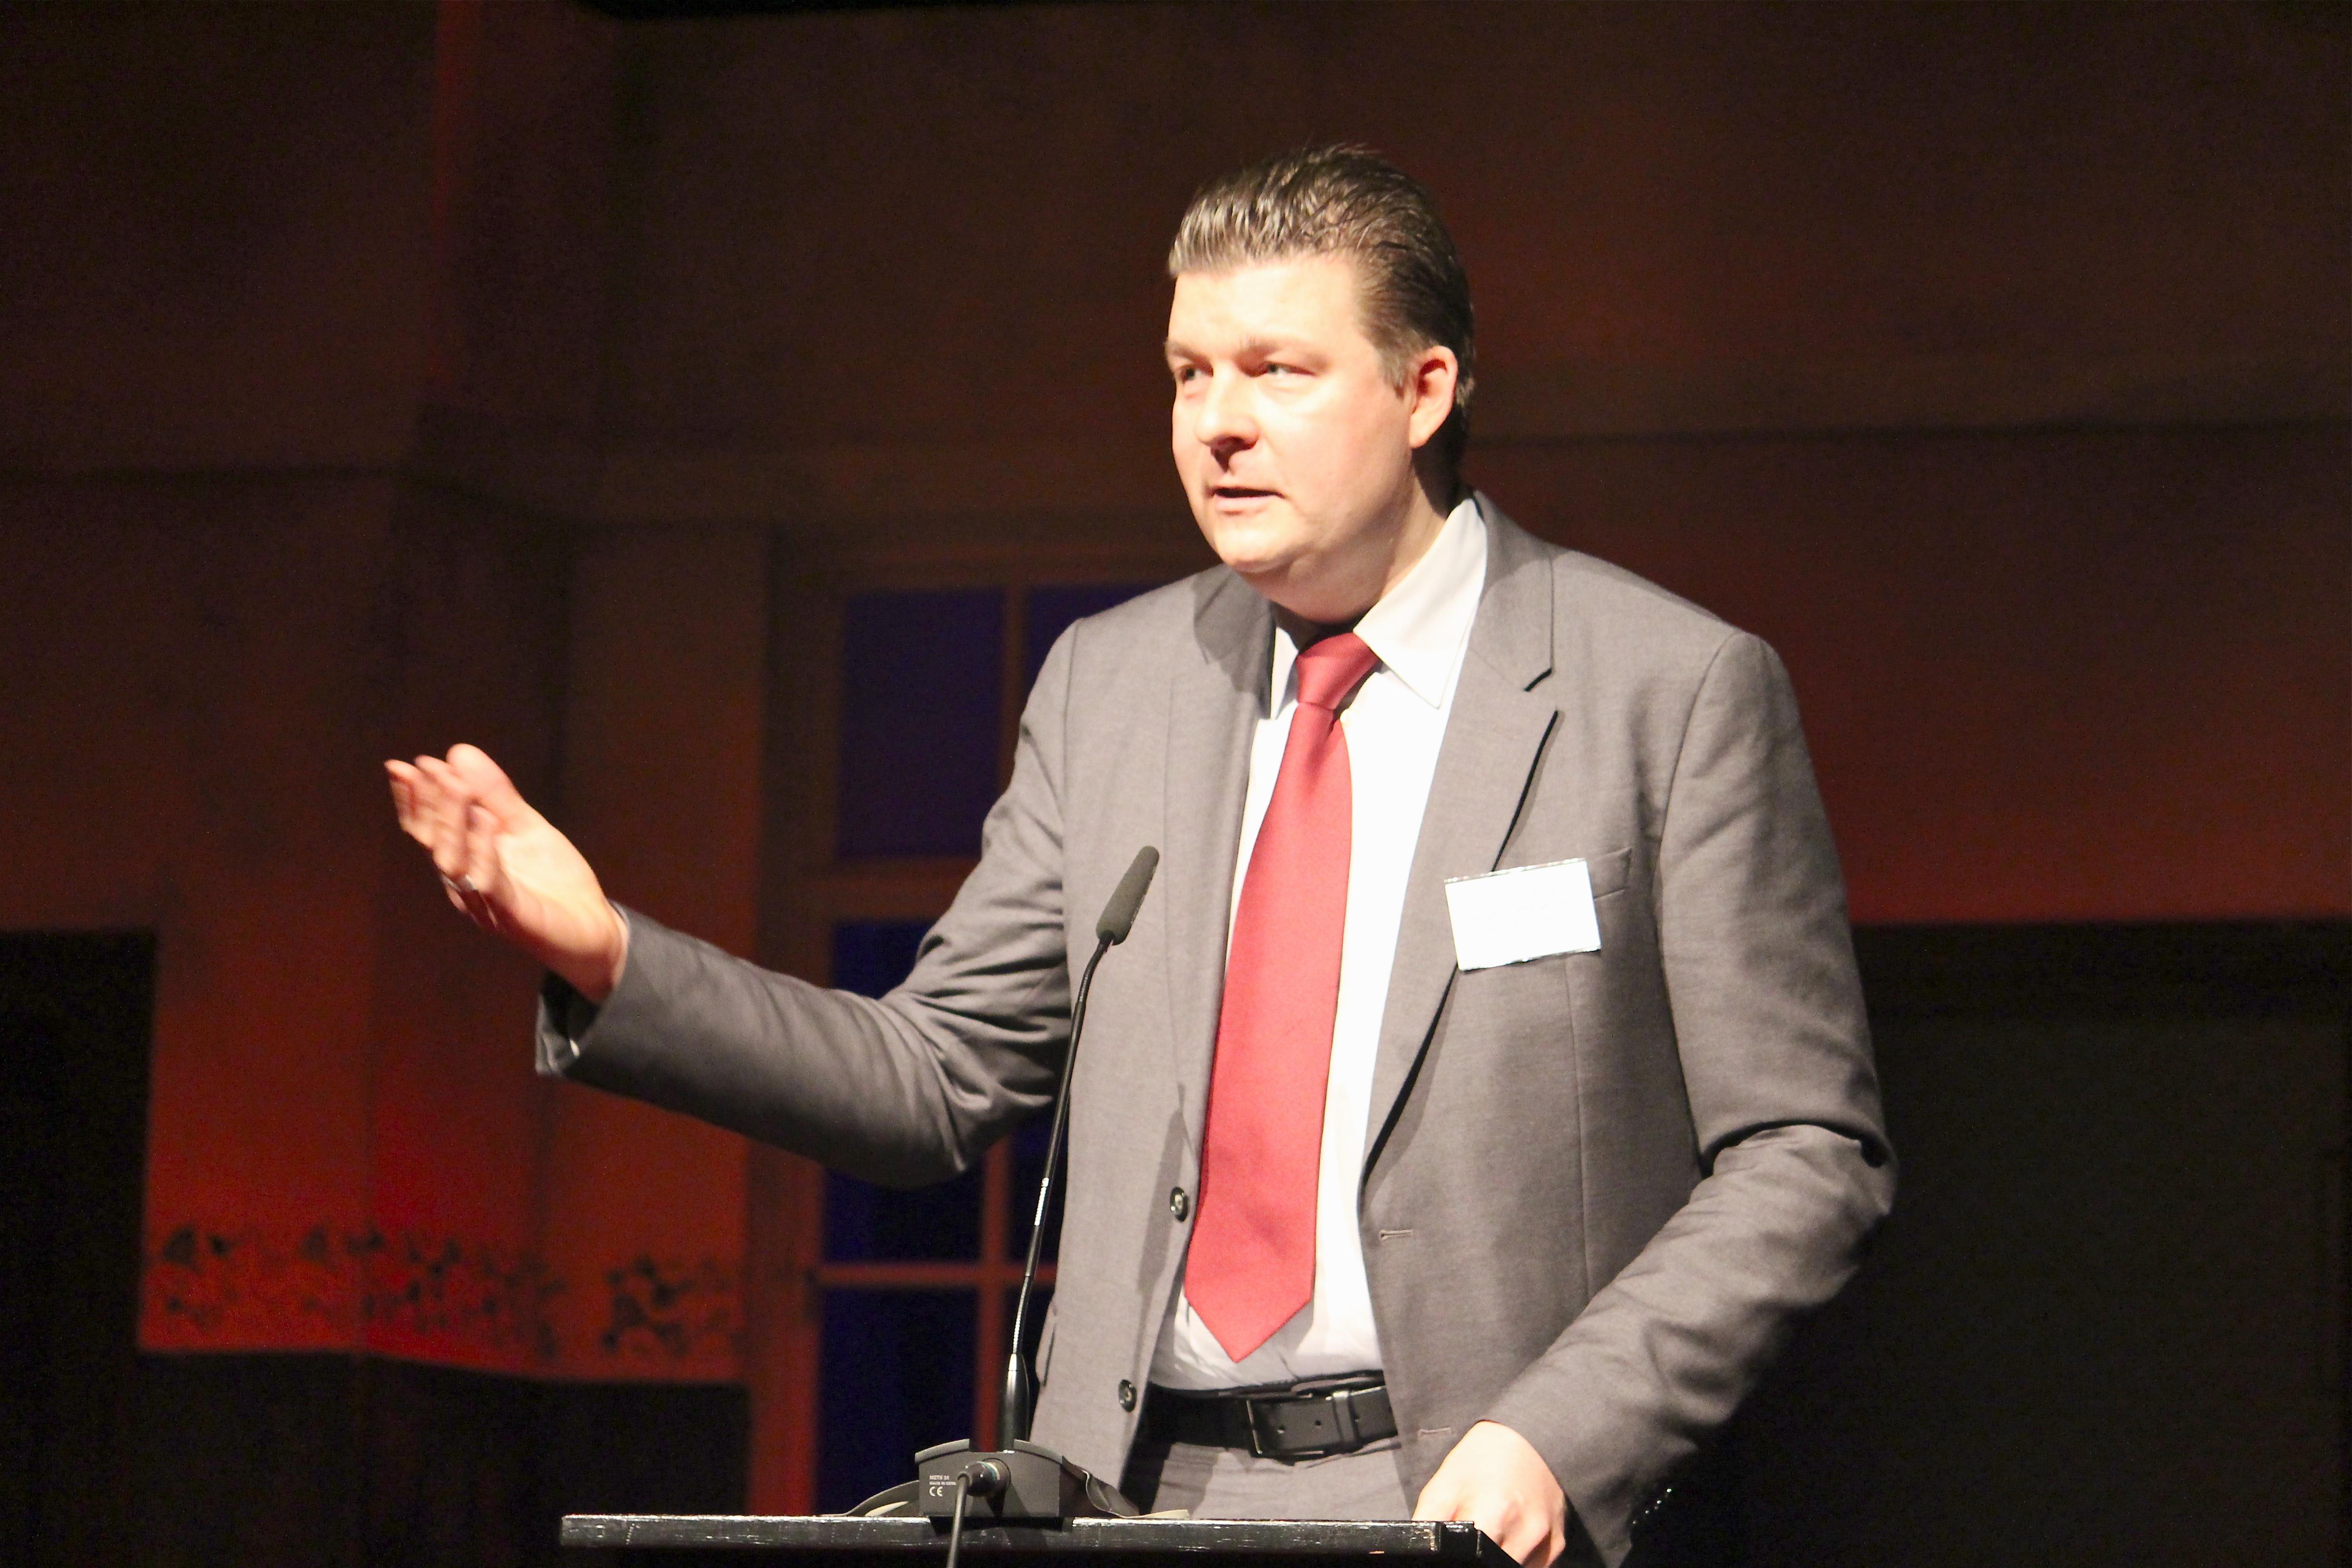 SPD-Finanzsenator Andreas Dressel kommt ins Bürgerhaus Wilhelmsburg um mit Fred Rebensdorf und Kesbana Klein (beide SPD) über den Haushalt 2019/2020 zu sprechen und dessen Auswirkungen auf Wilhelmsburg. Foto: pm